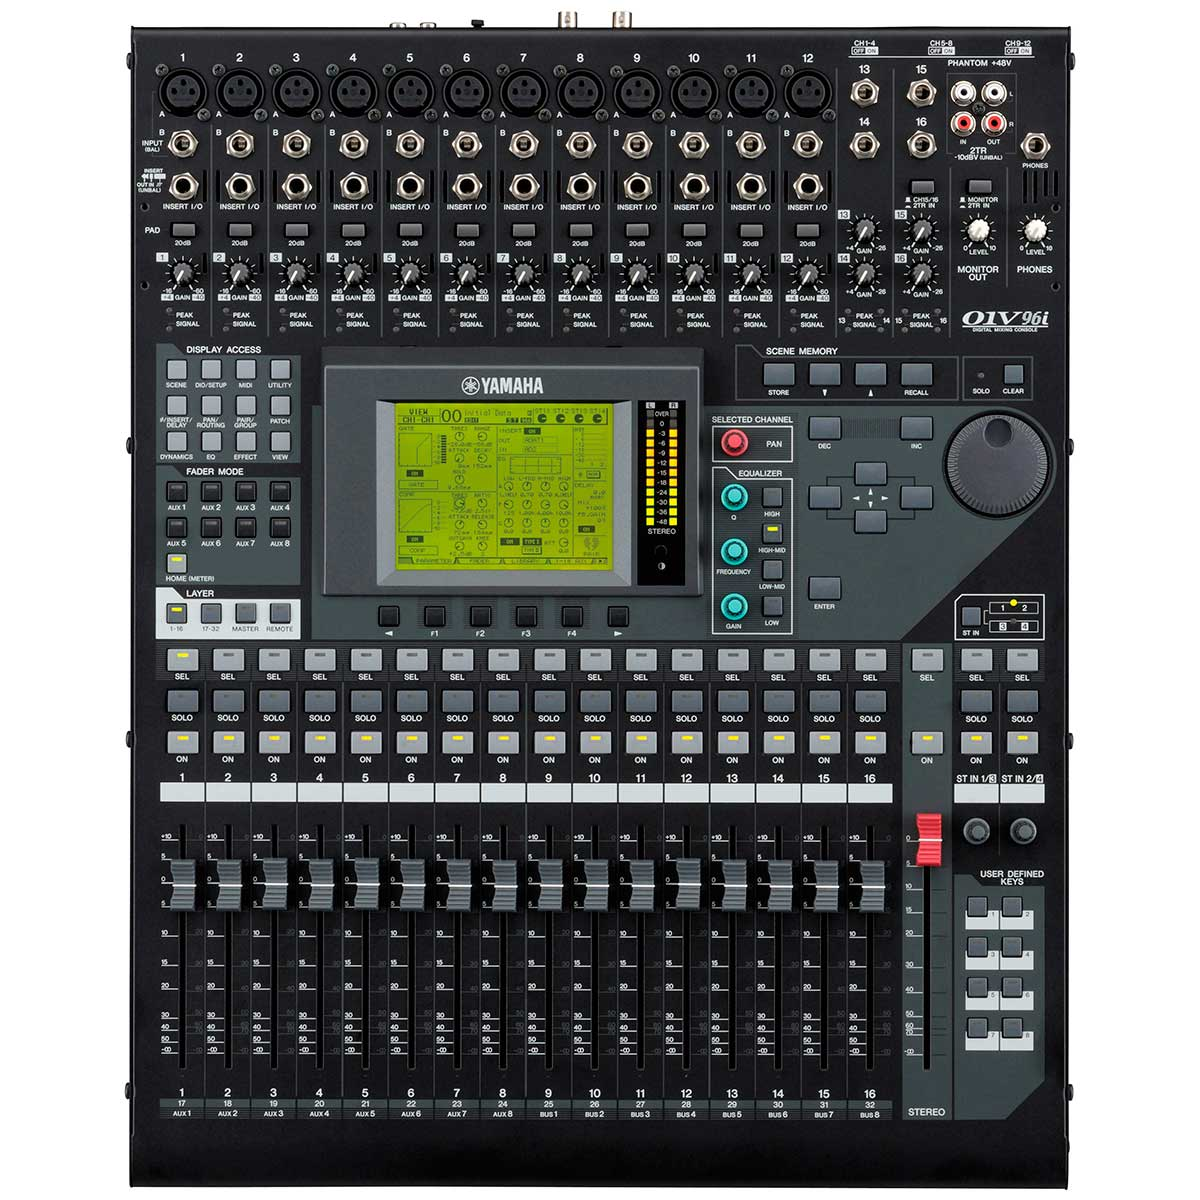 Mesa de Som Digital 16 Canais 01V 96i - Yamaha